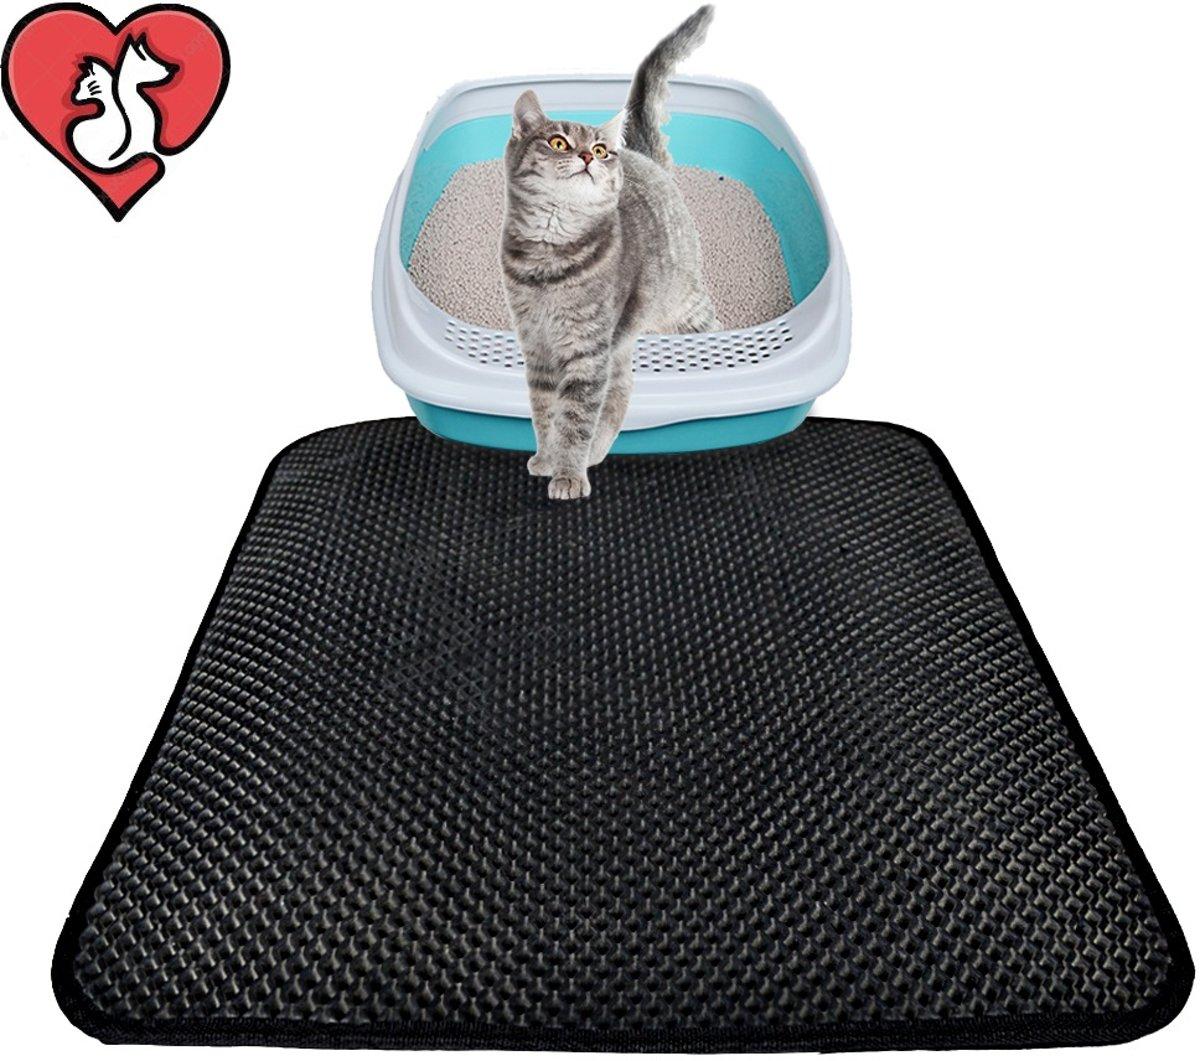 JVDB Kattenbakmat - Vangt kattengrit op - Dubbele laag - Waterproof - Kat - Kattenbakmat - Uitloop mat - Opvang mat - Poes kopen